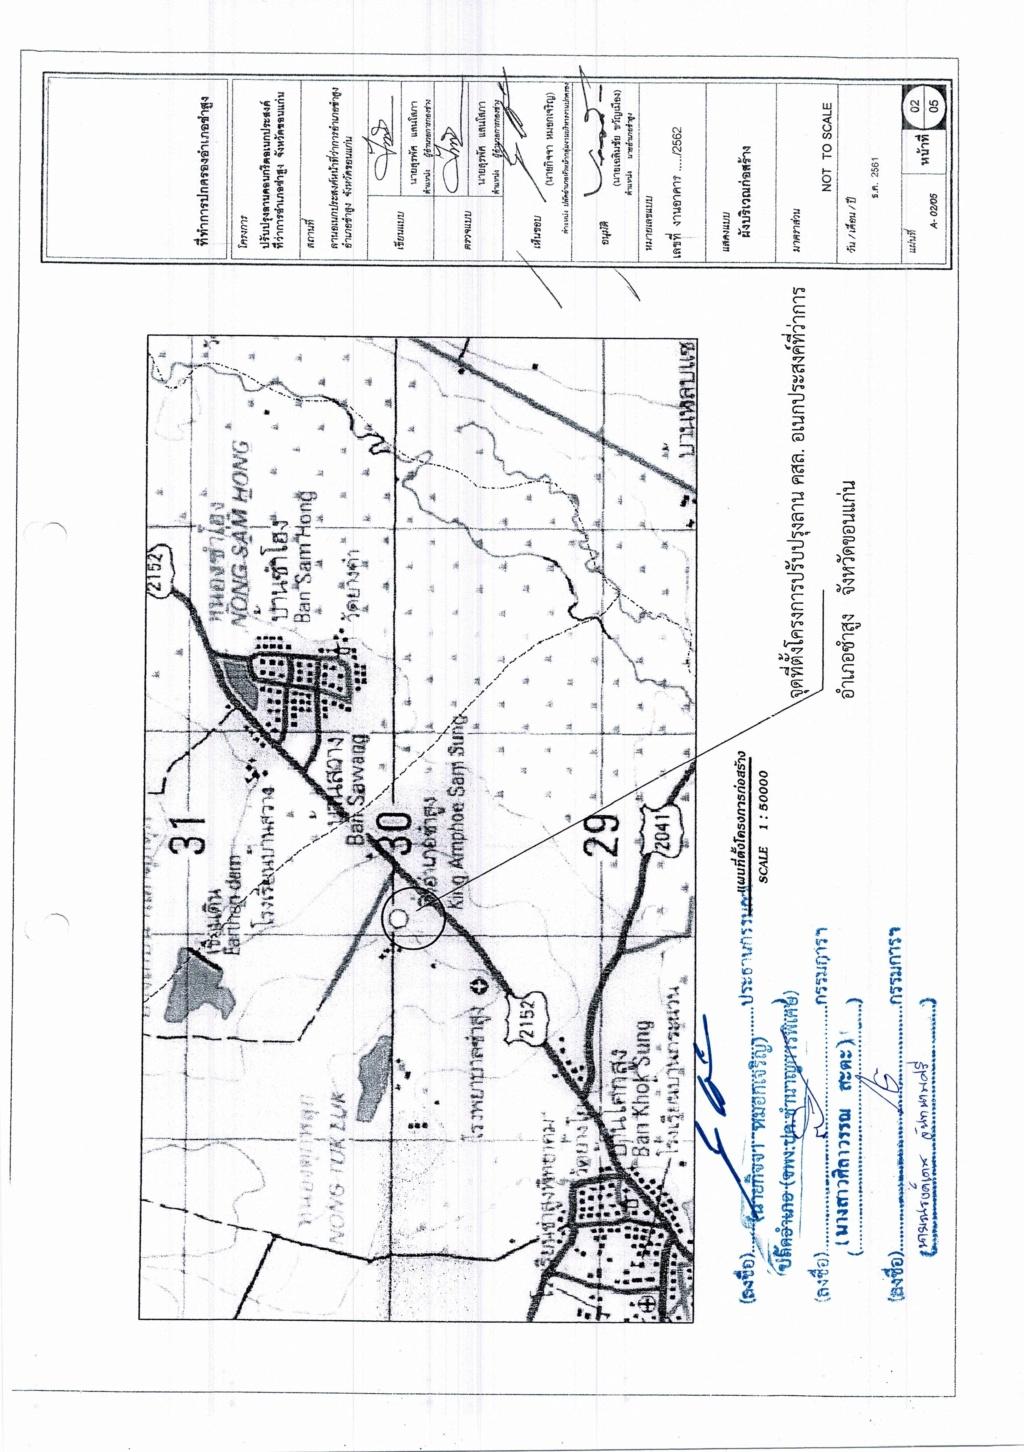 โครงการก่อสร้างลานอเนกประสงค์ที่ว่าการอำเภอซำสูง จังหวัดขอนแก่น ประจำปีงบประมาณ 2563  Cci_0038